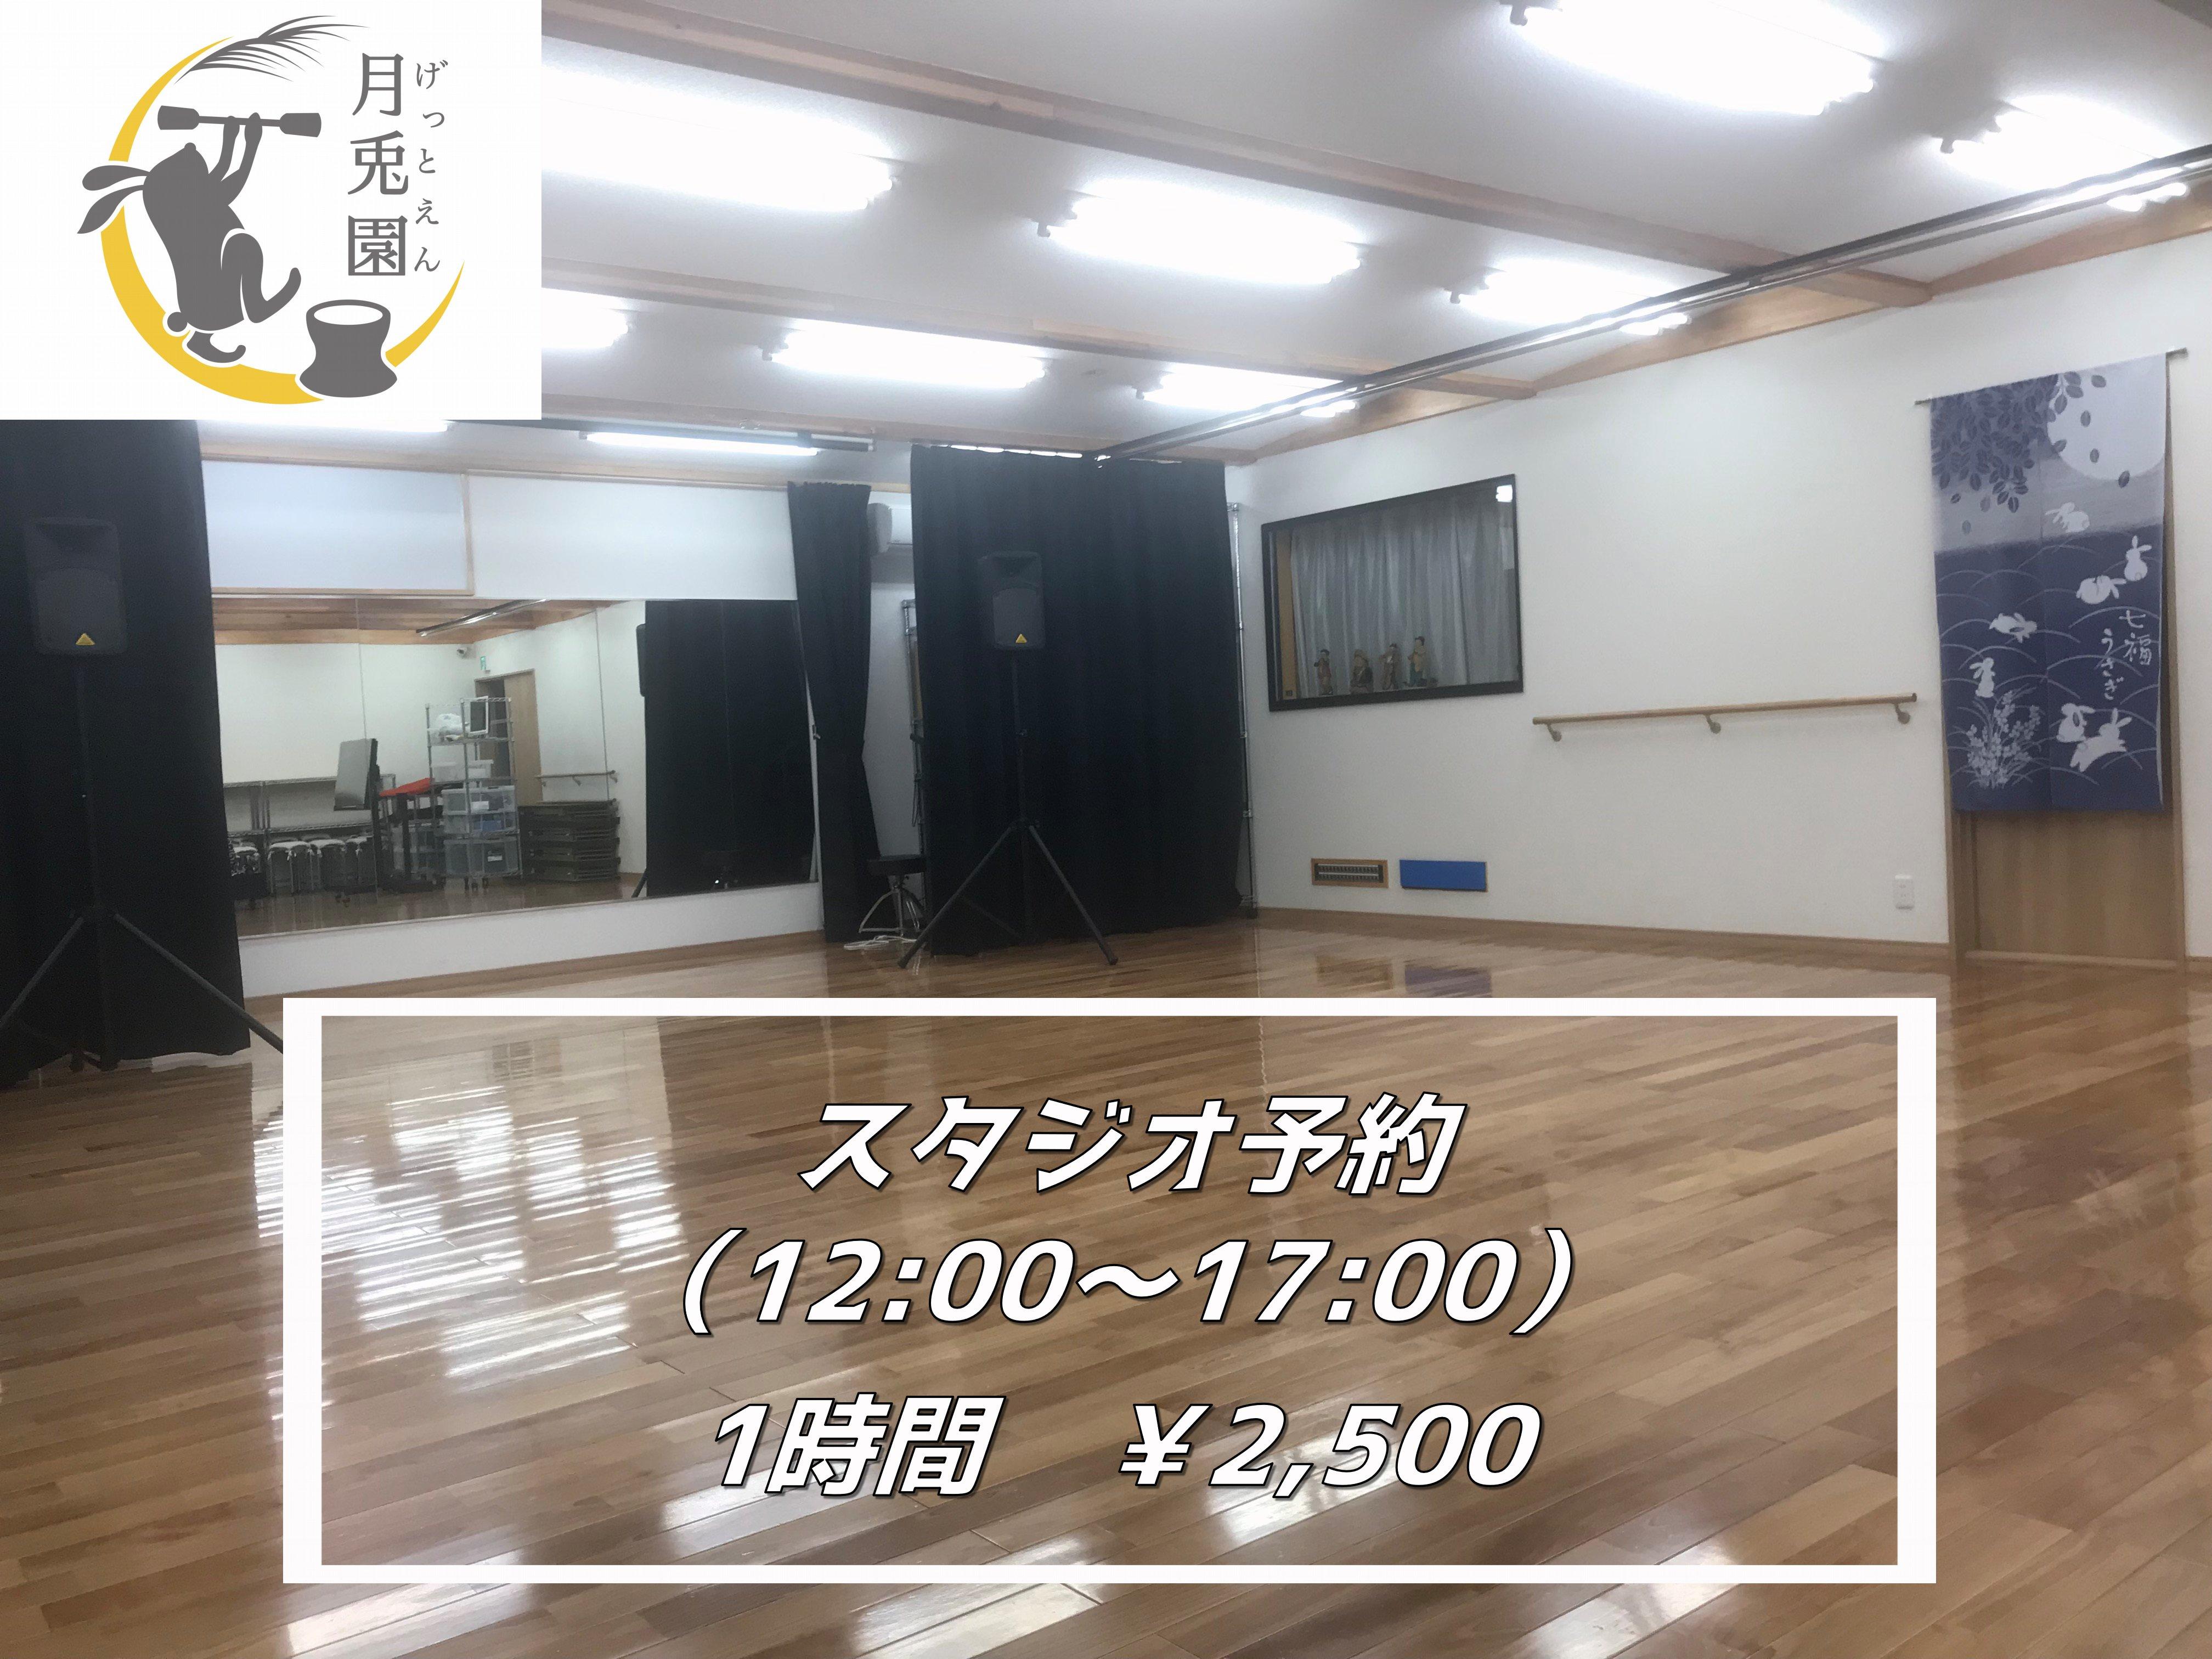 月兎園スタジオレンタル 1時間 12:00〜17:00のイメージその1